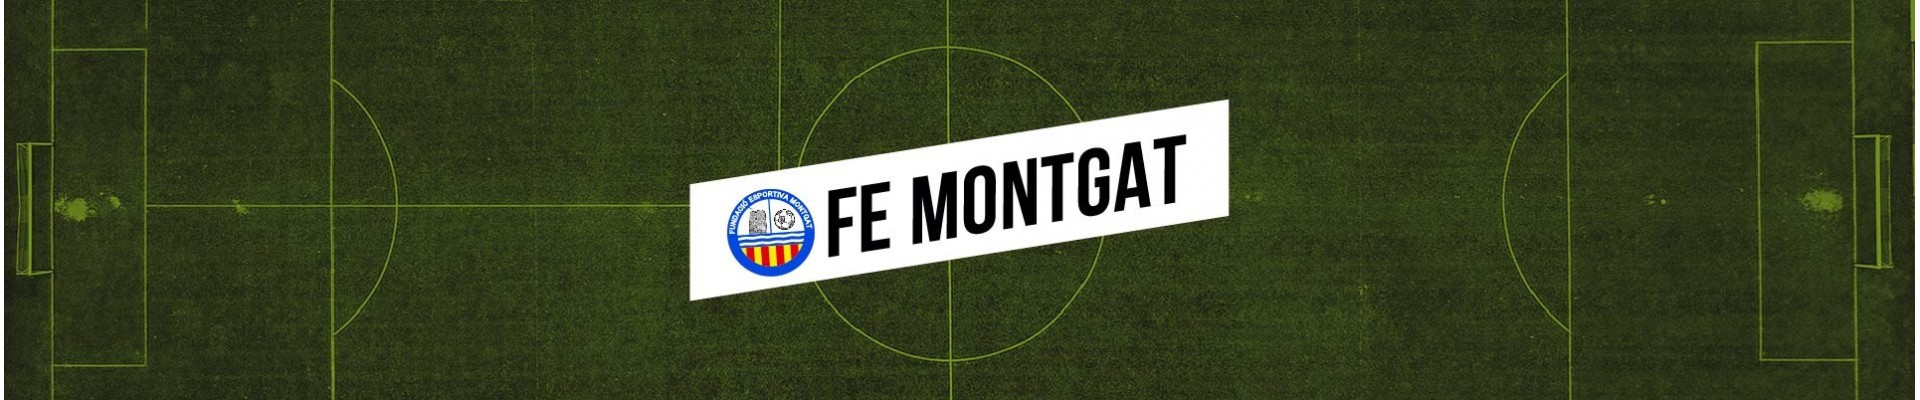 FE MONTGAT